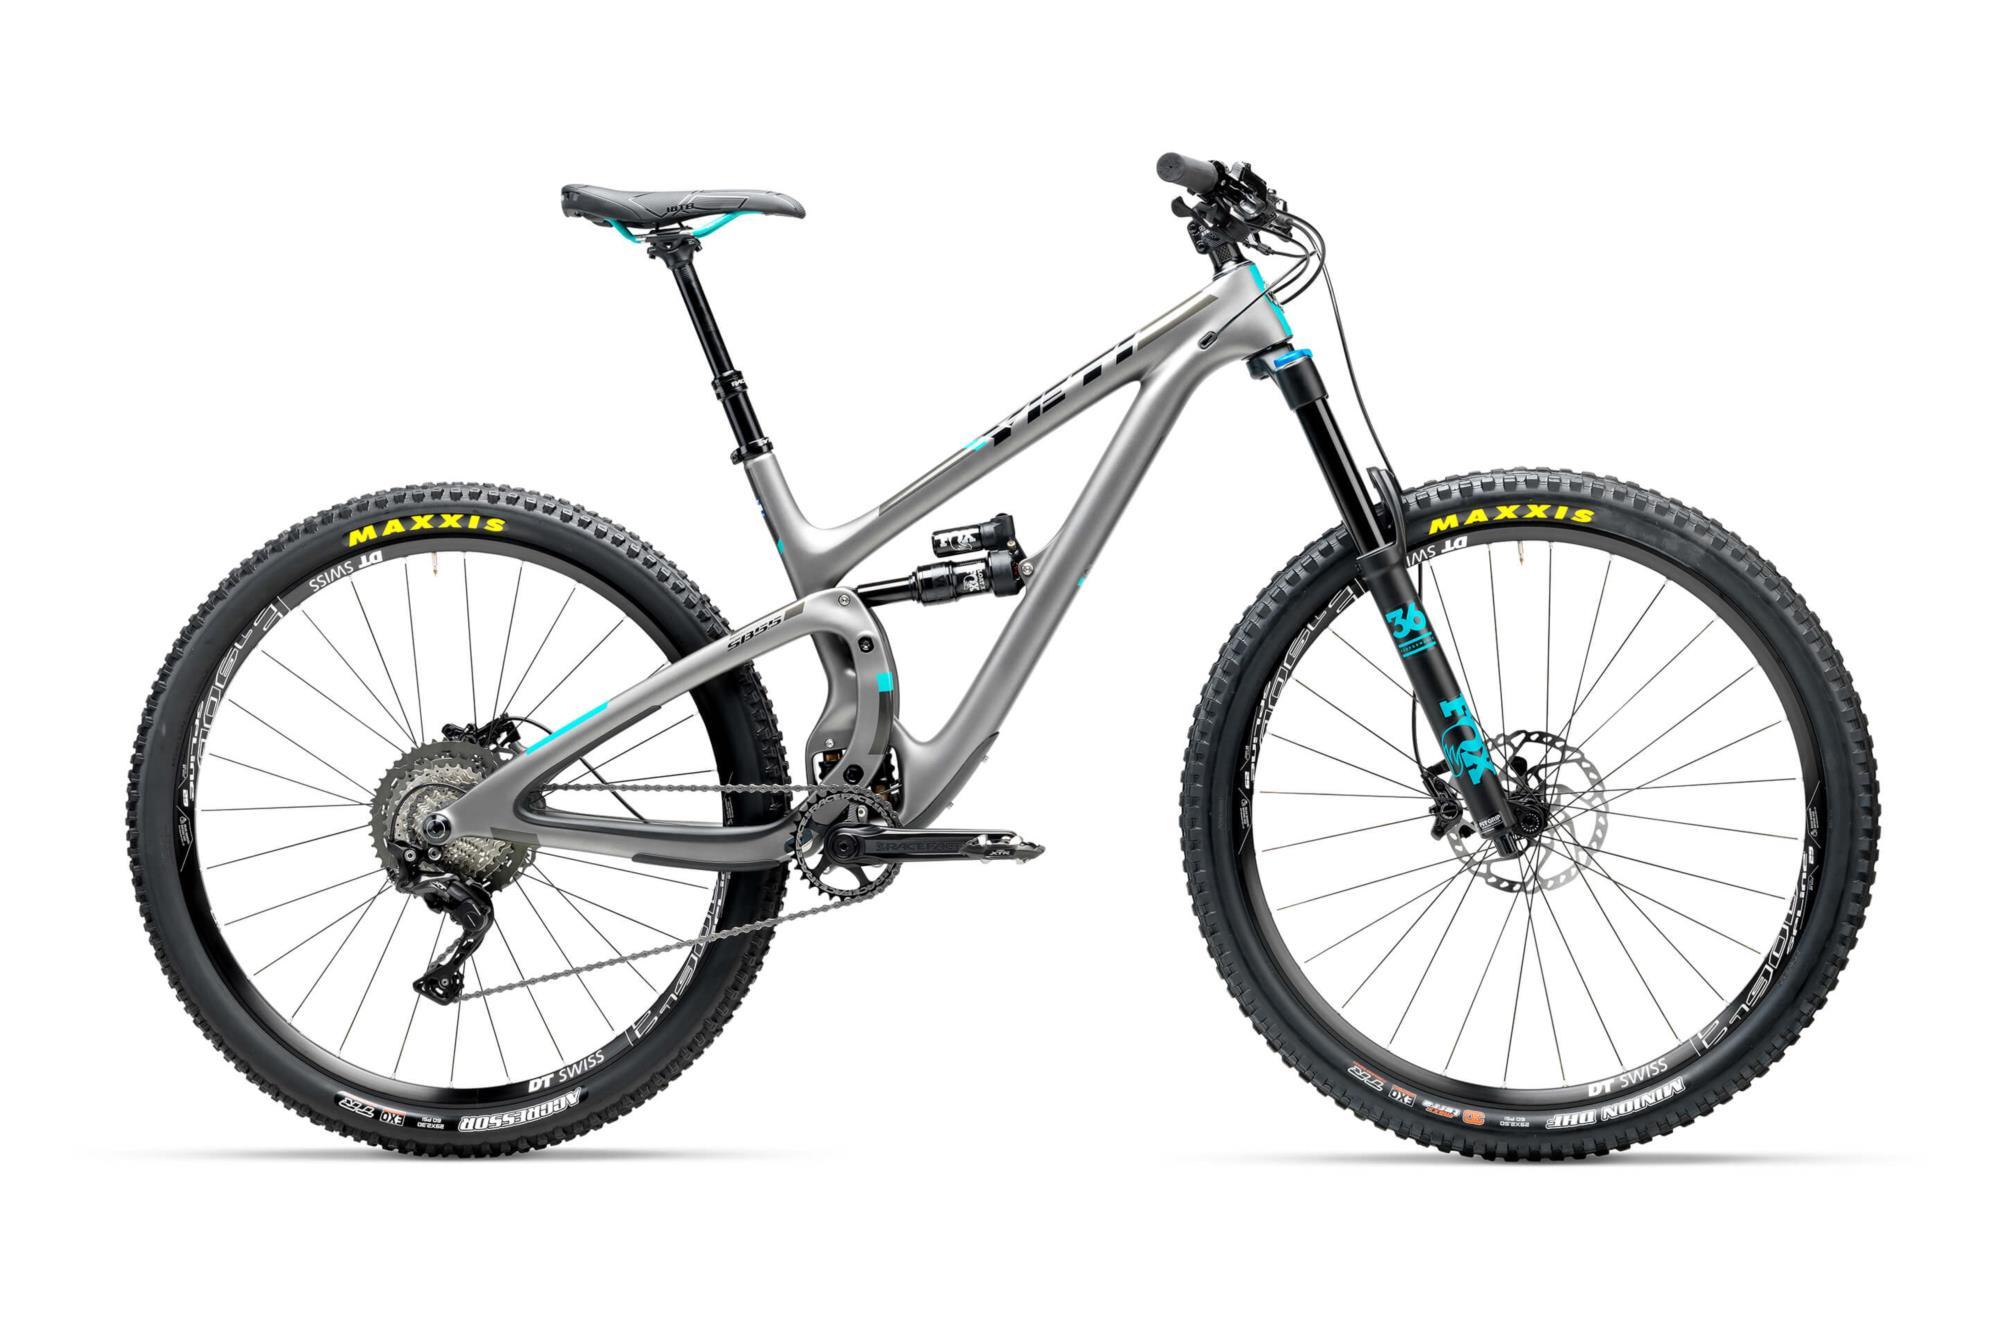 2017 yeti sb5 5c c-series 29 u0026quot  switch infinity enduro bike